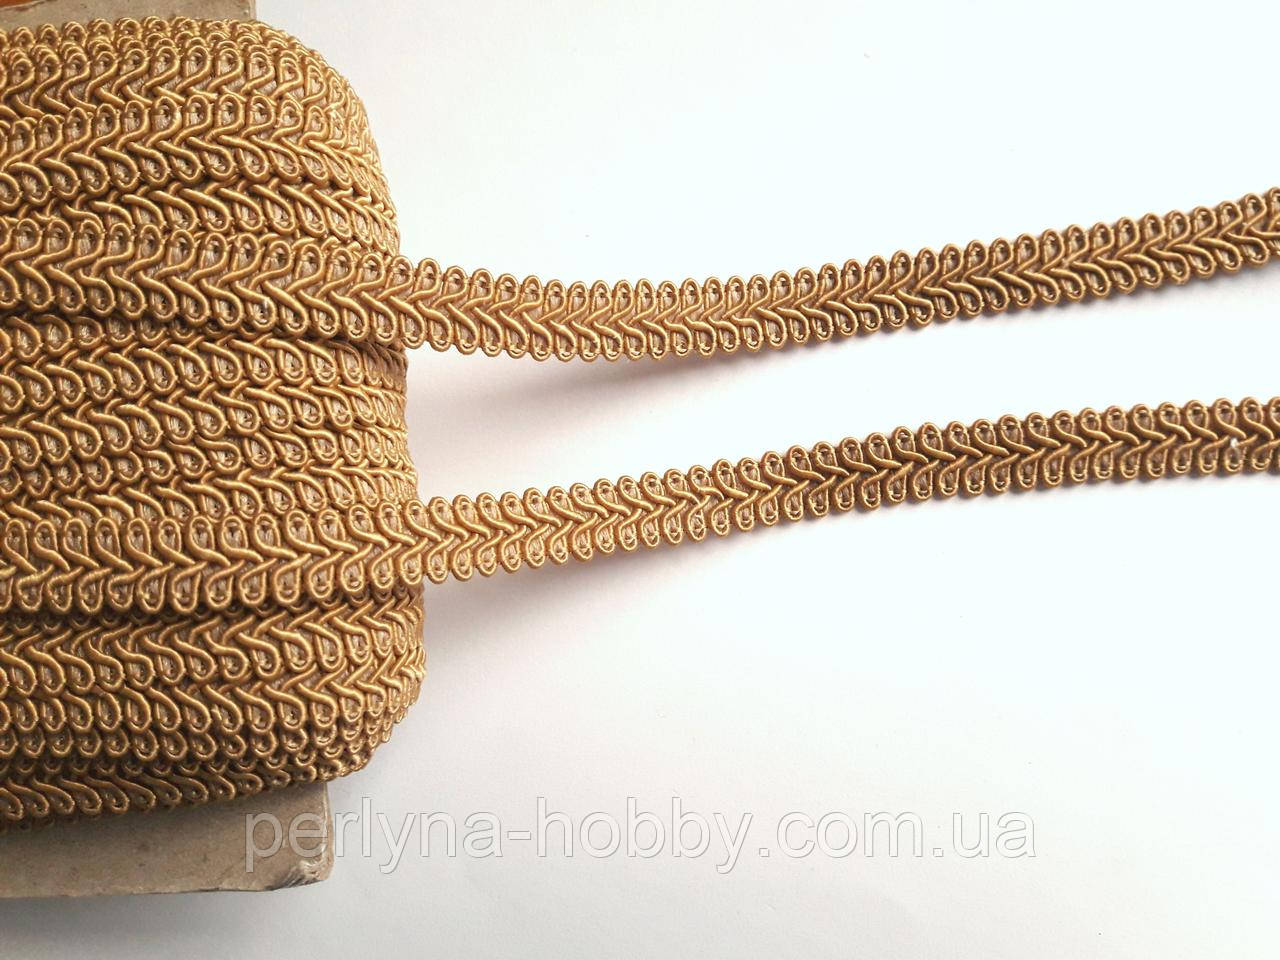 Тесьма декоративная шубная шанель, Тасьма шубна косичка на метраж 1,3 см, бежева з рудим відтінком